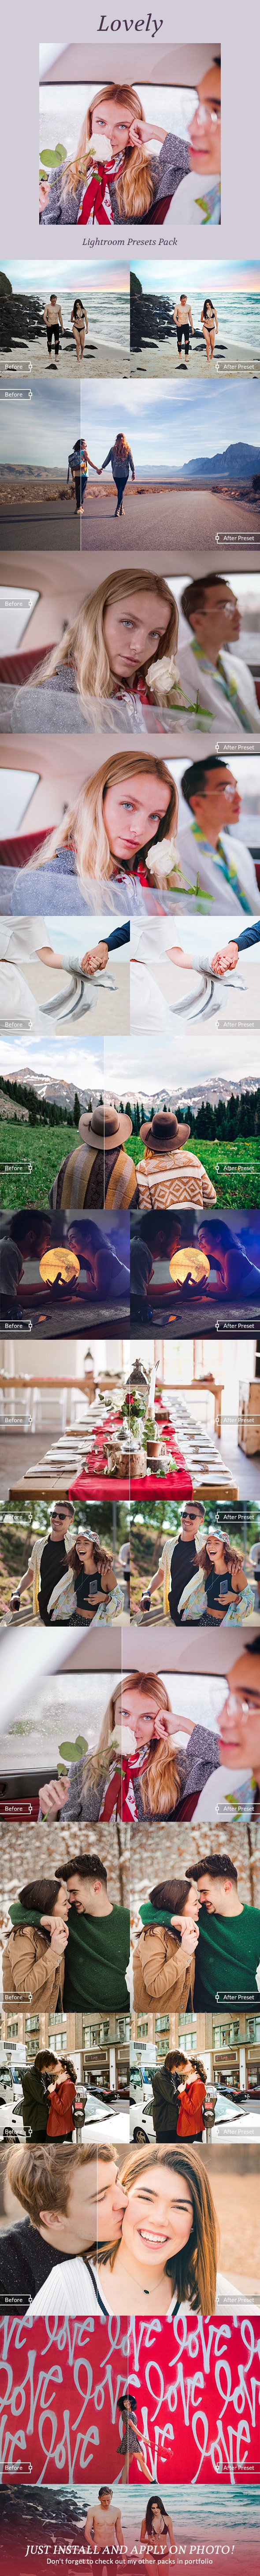 Lovely Lightroom Presets - Lightroom Presets Add-ons